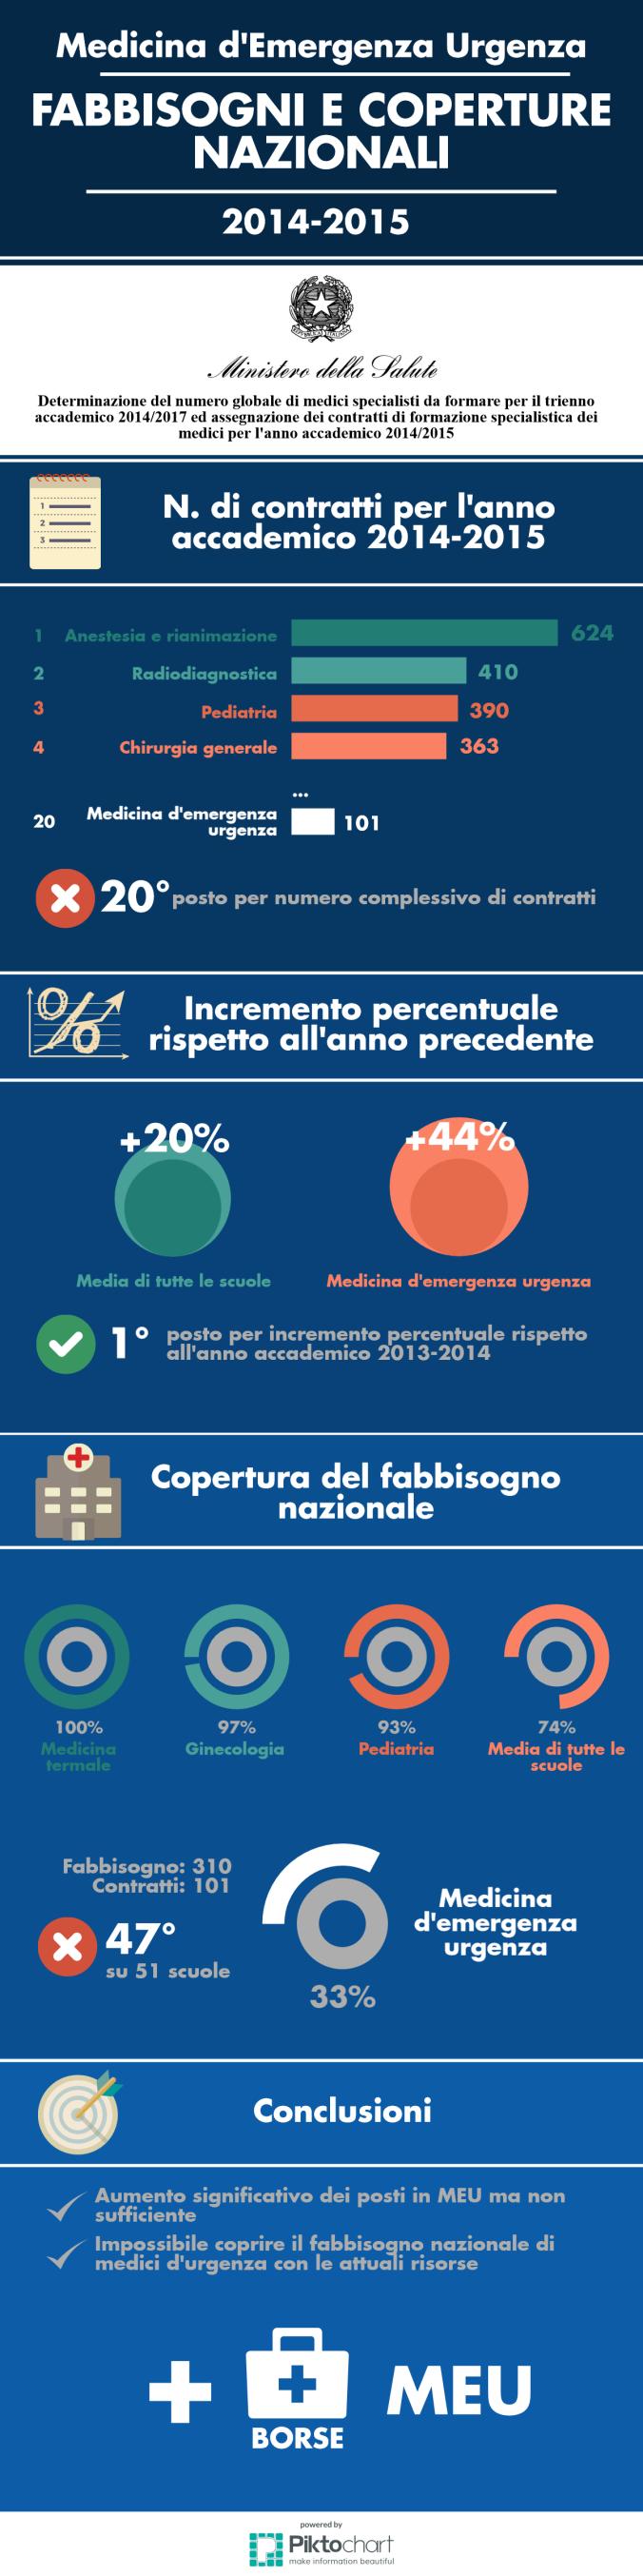 fabbisogni-e-coperture-2014-2015.png